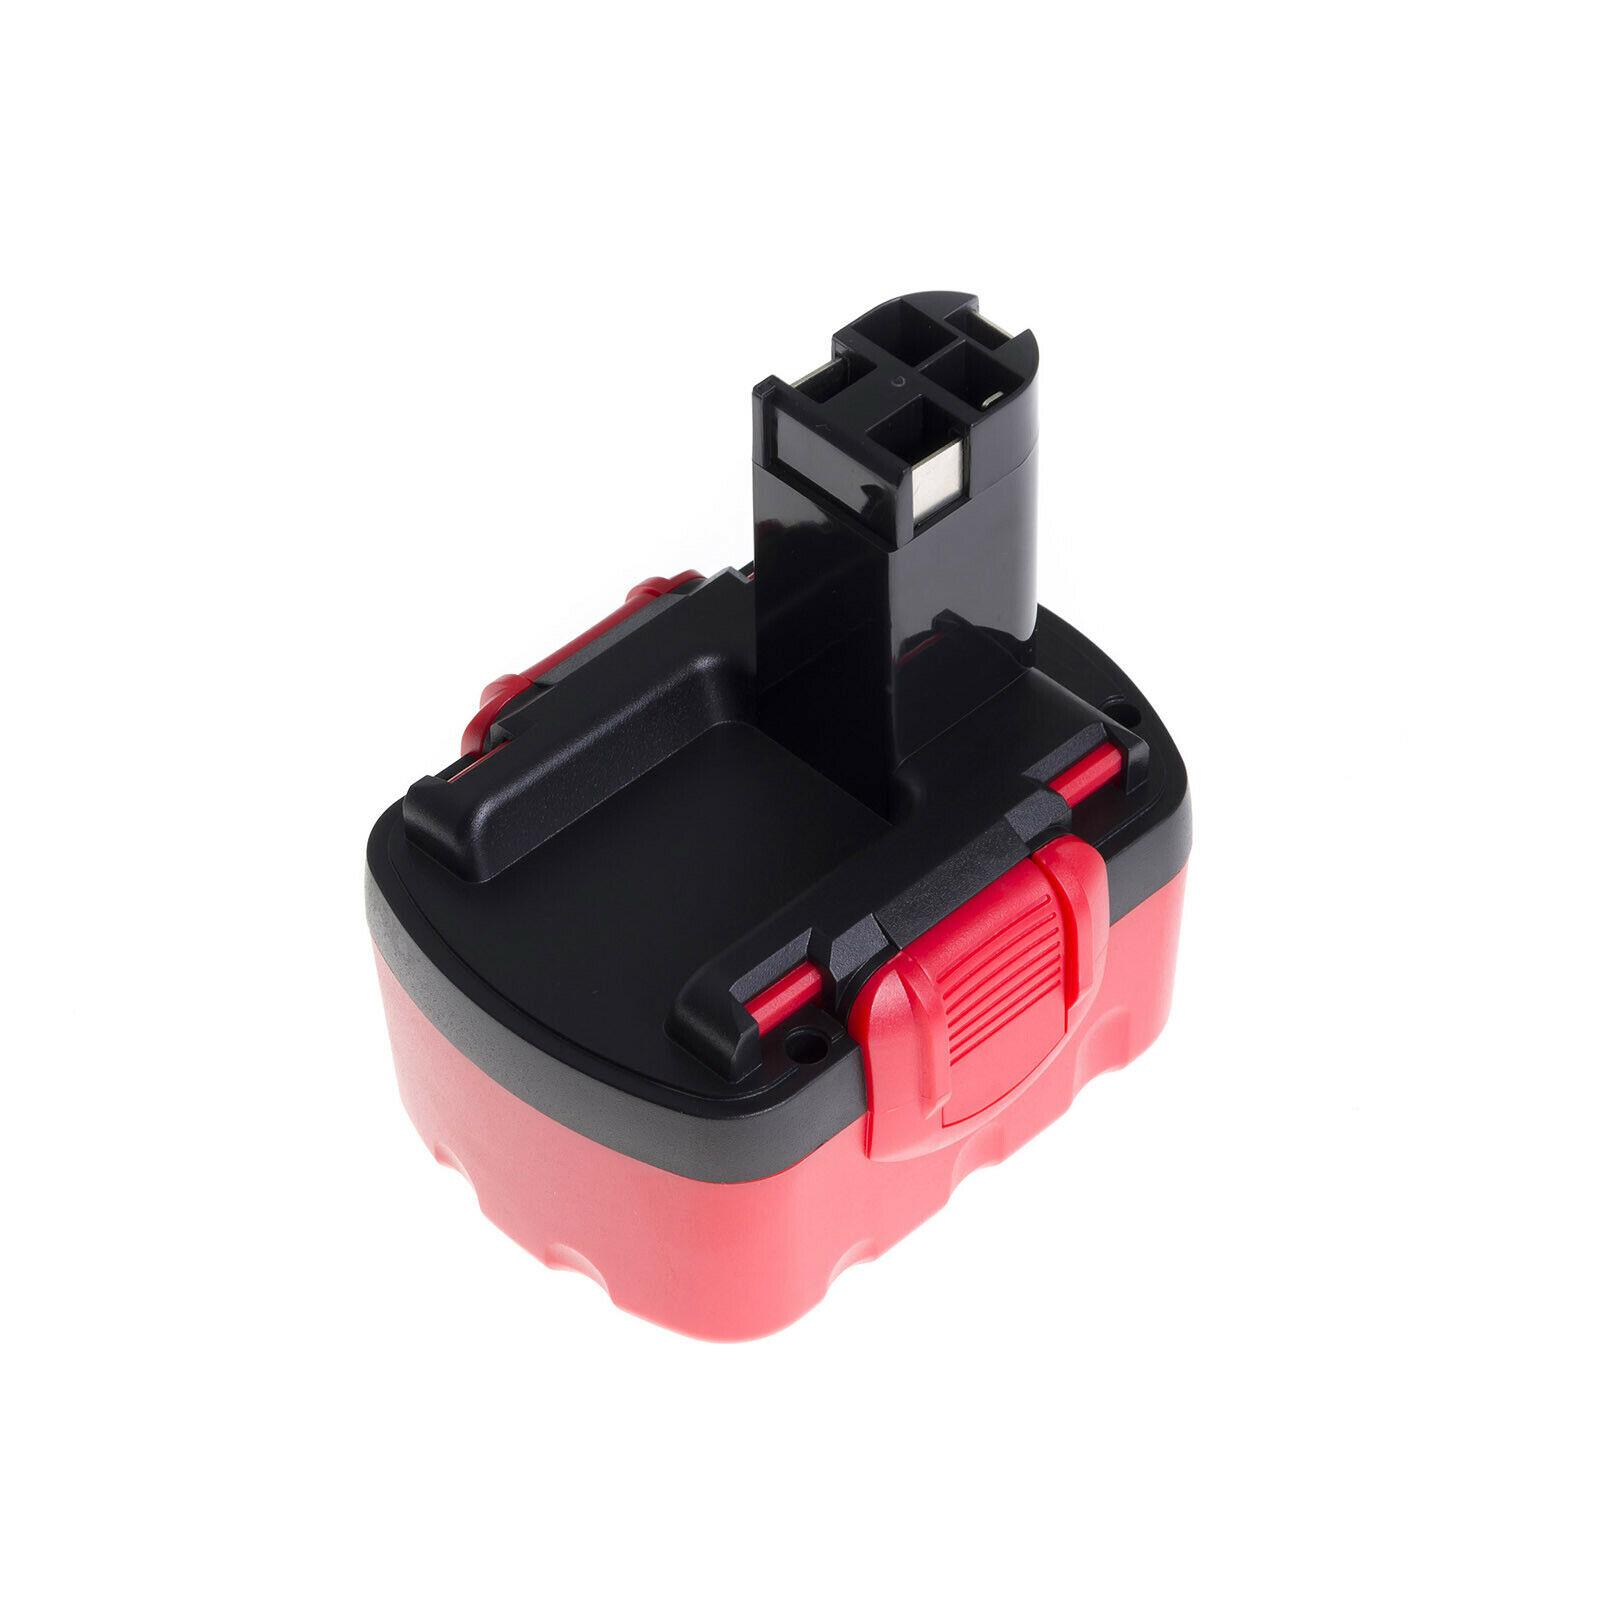 14.4V Bosch 2607335264 2607335276 BAT040 BAT041 compatibele Accu